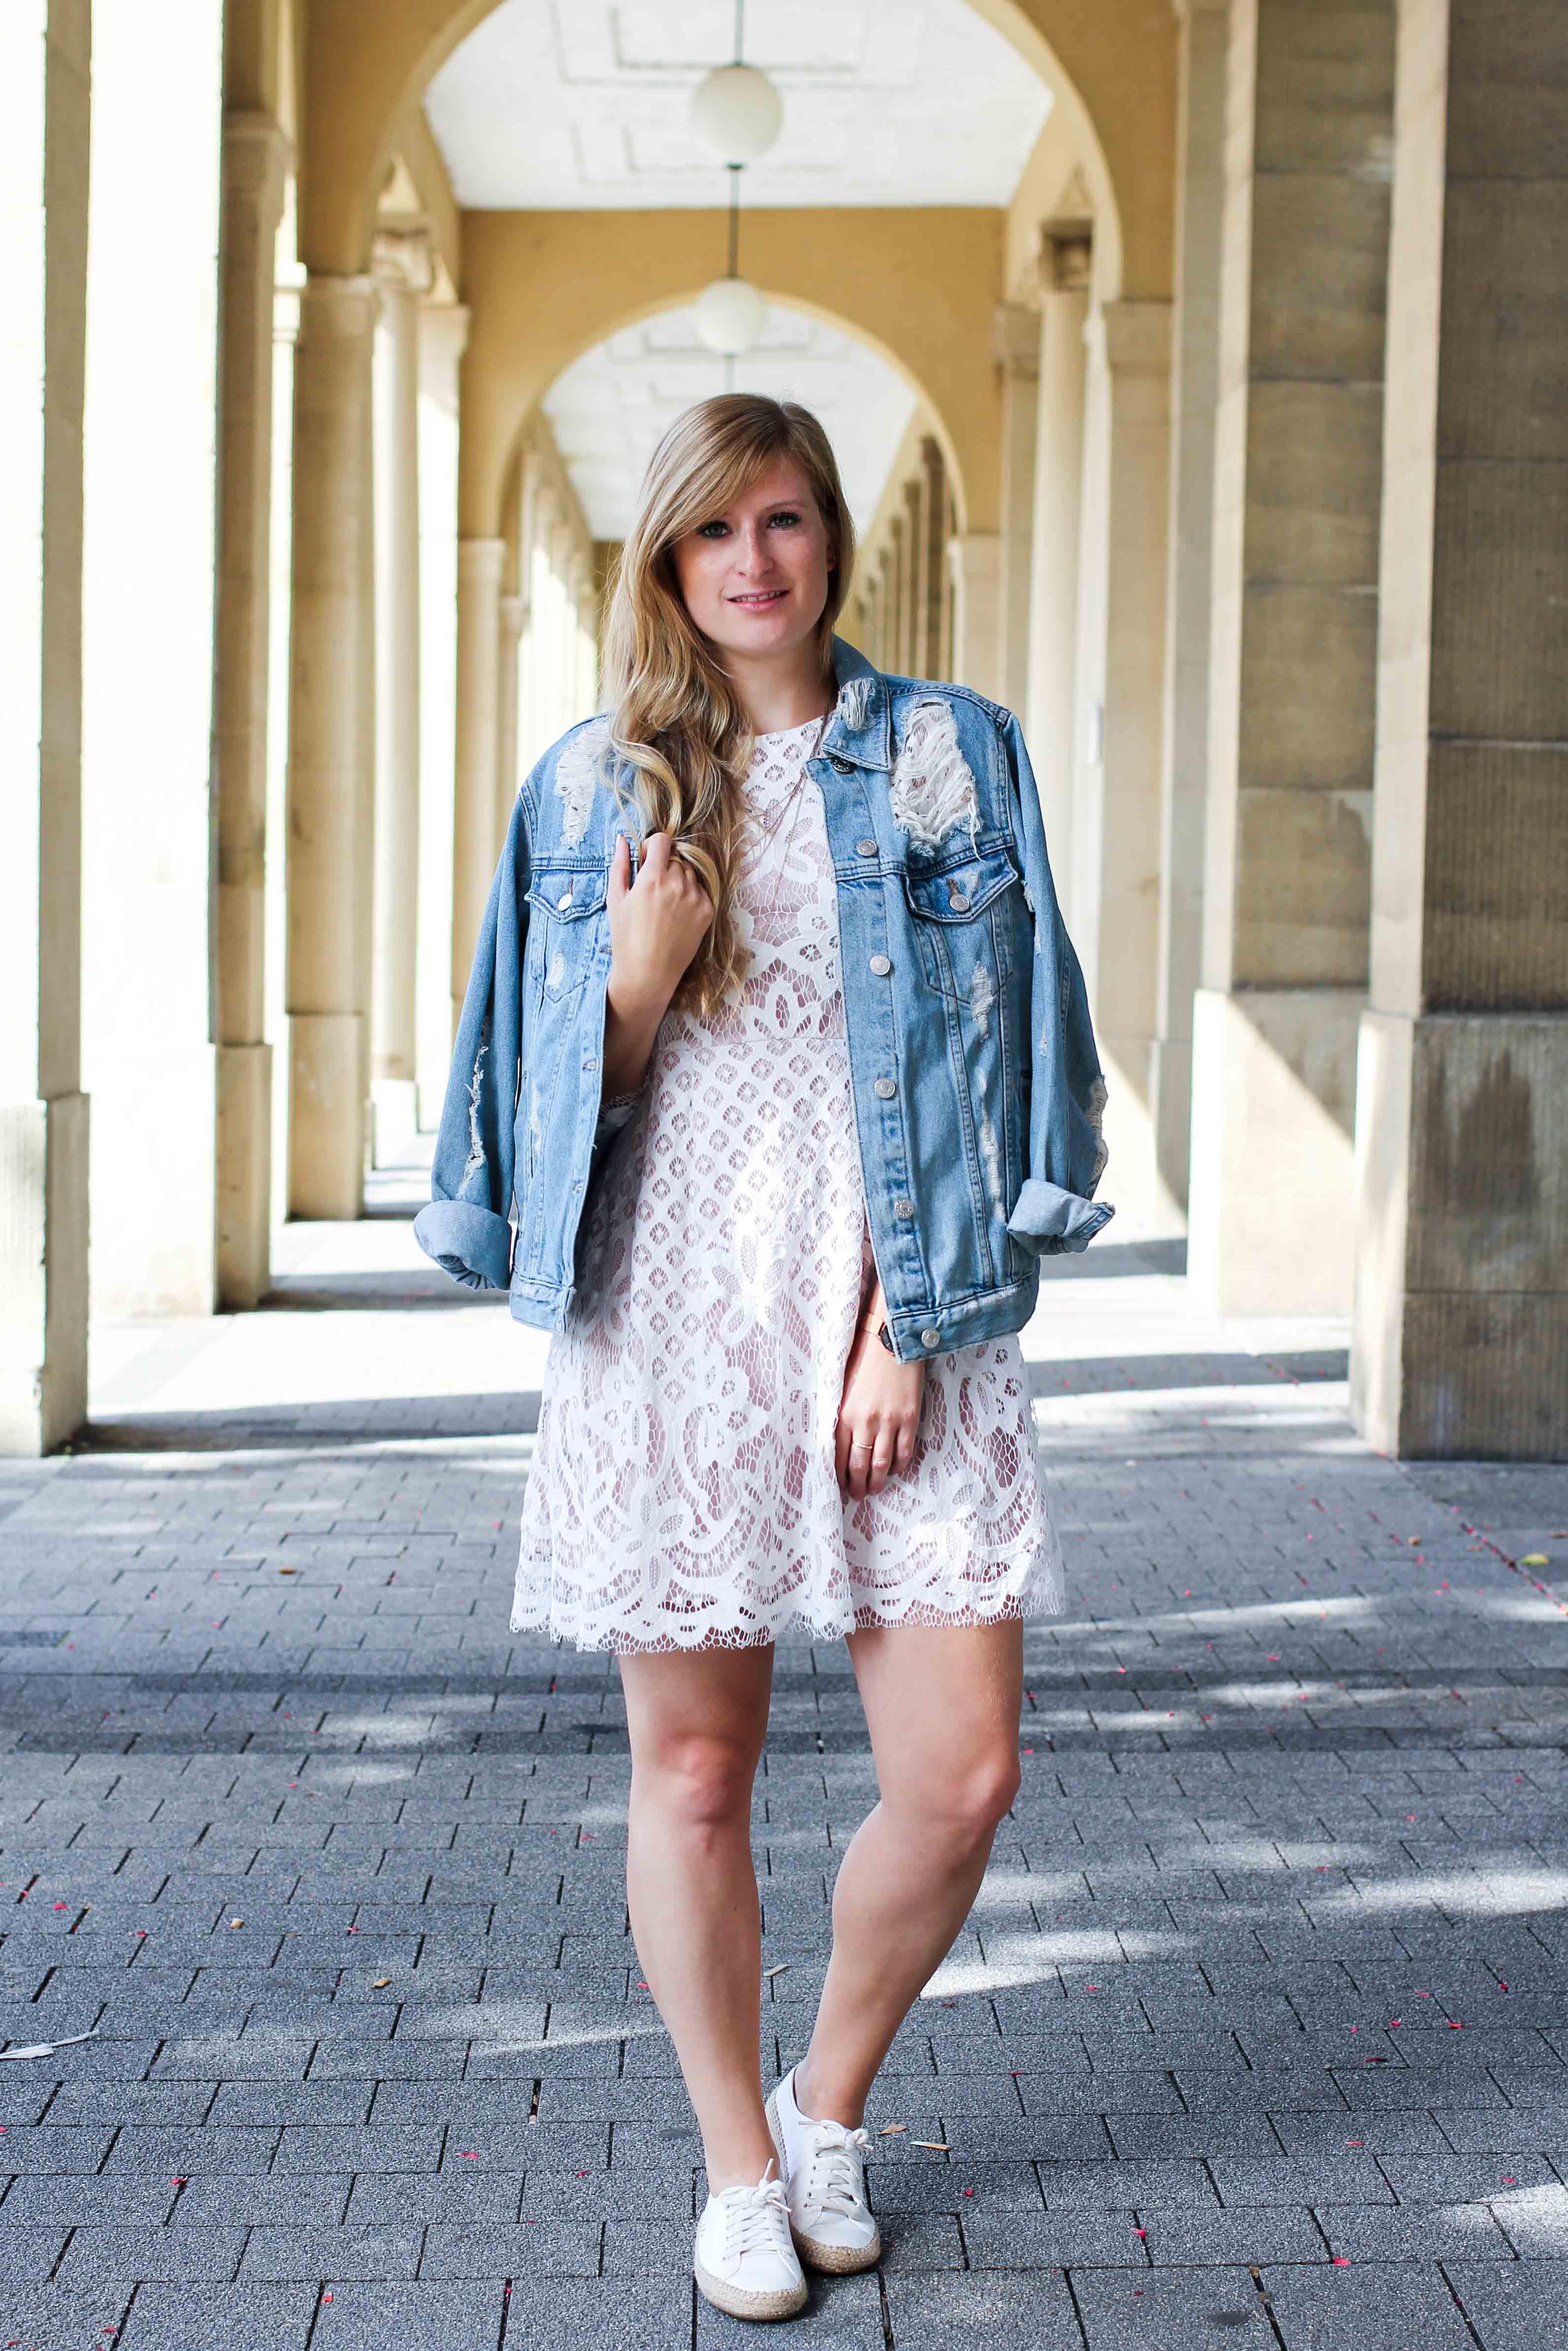 Weißes Spitzenkleid kombinieren Zerrissene Jeansjacke Ripped Sommerschuhe Streetstyle Karlsruhe Modeblog Outfit 1